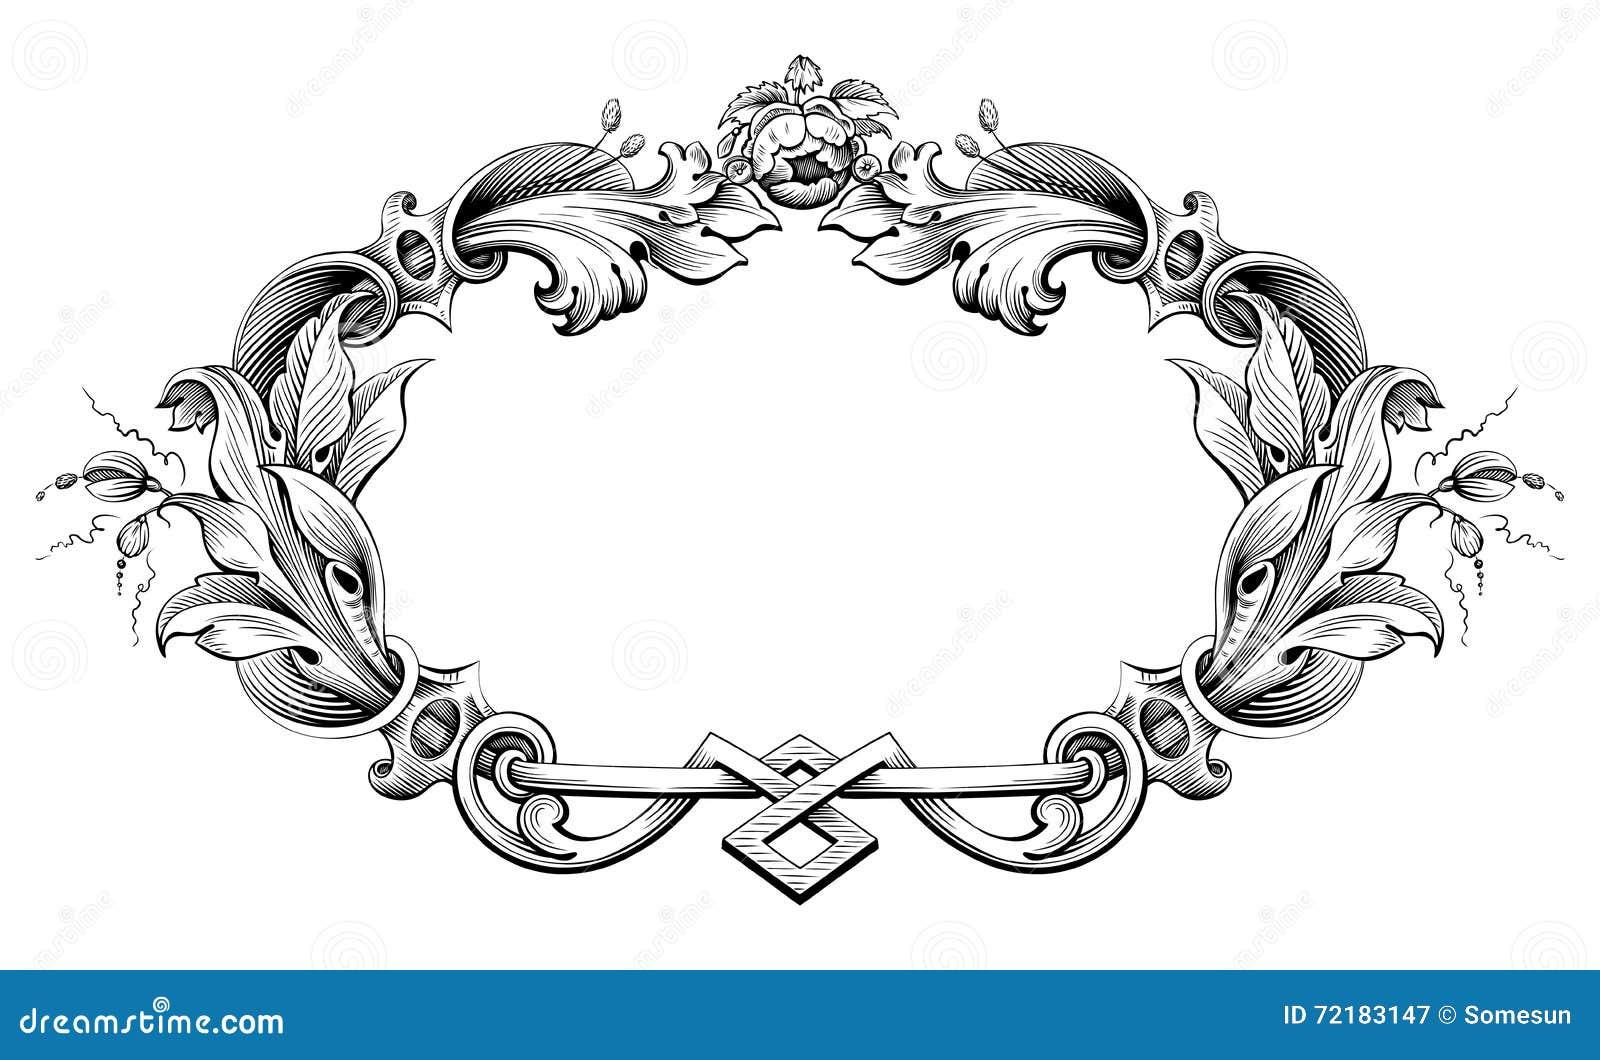 För ramgräns för tappning barock viktoriansk tatuering för modell för blom- prydnad för monogram snirkel calligraphic inristad re